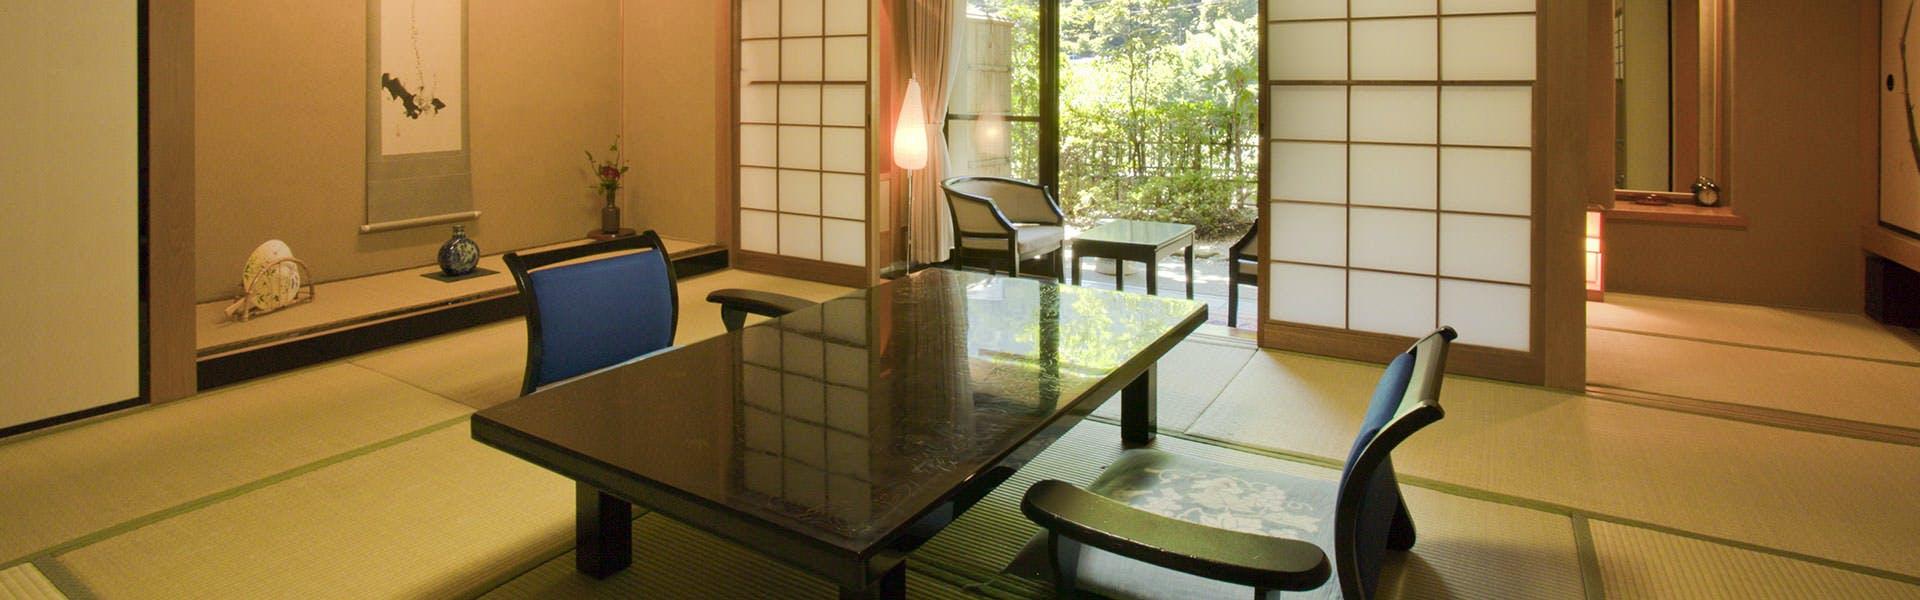 記念日におすすめのホテル・下呂温泉 川上屋花水亭の写真3